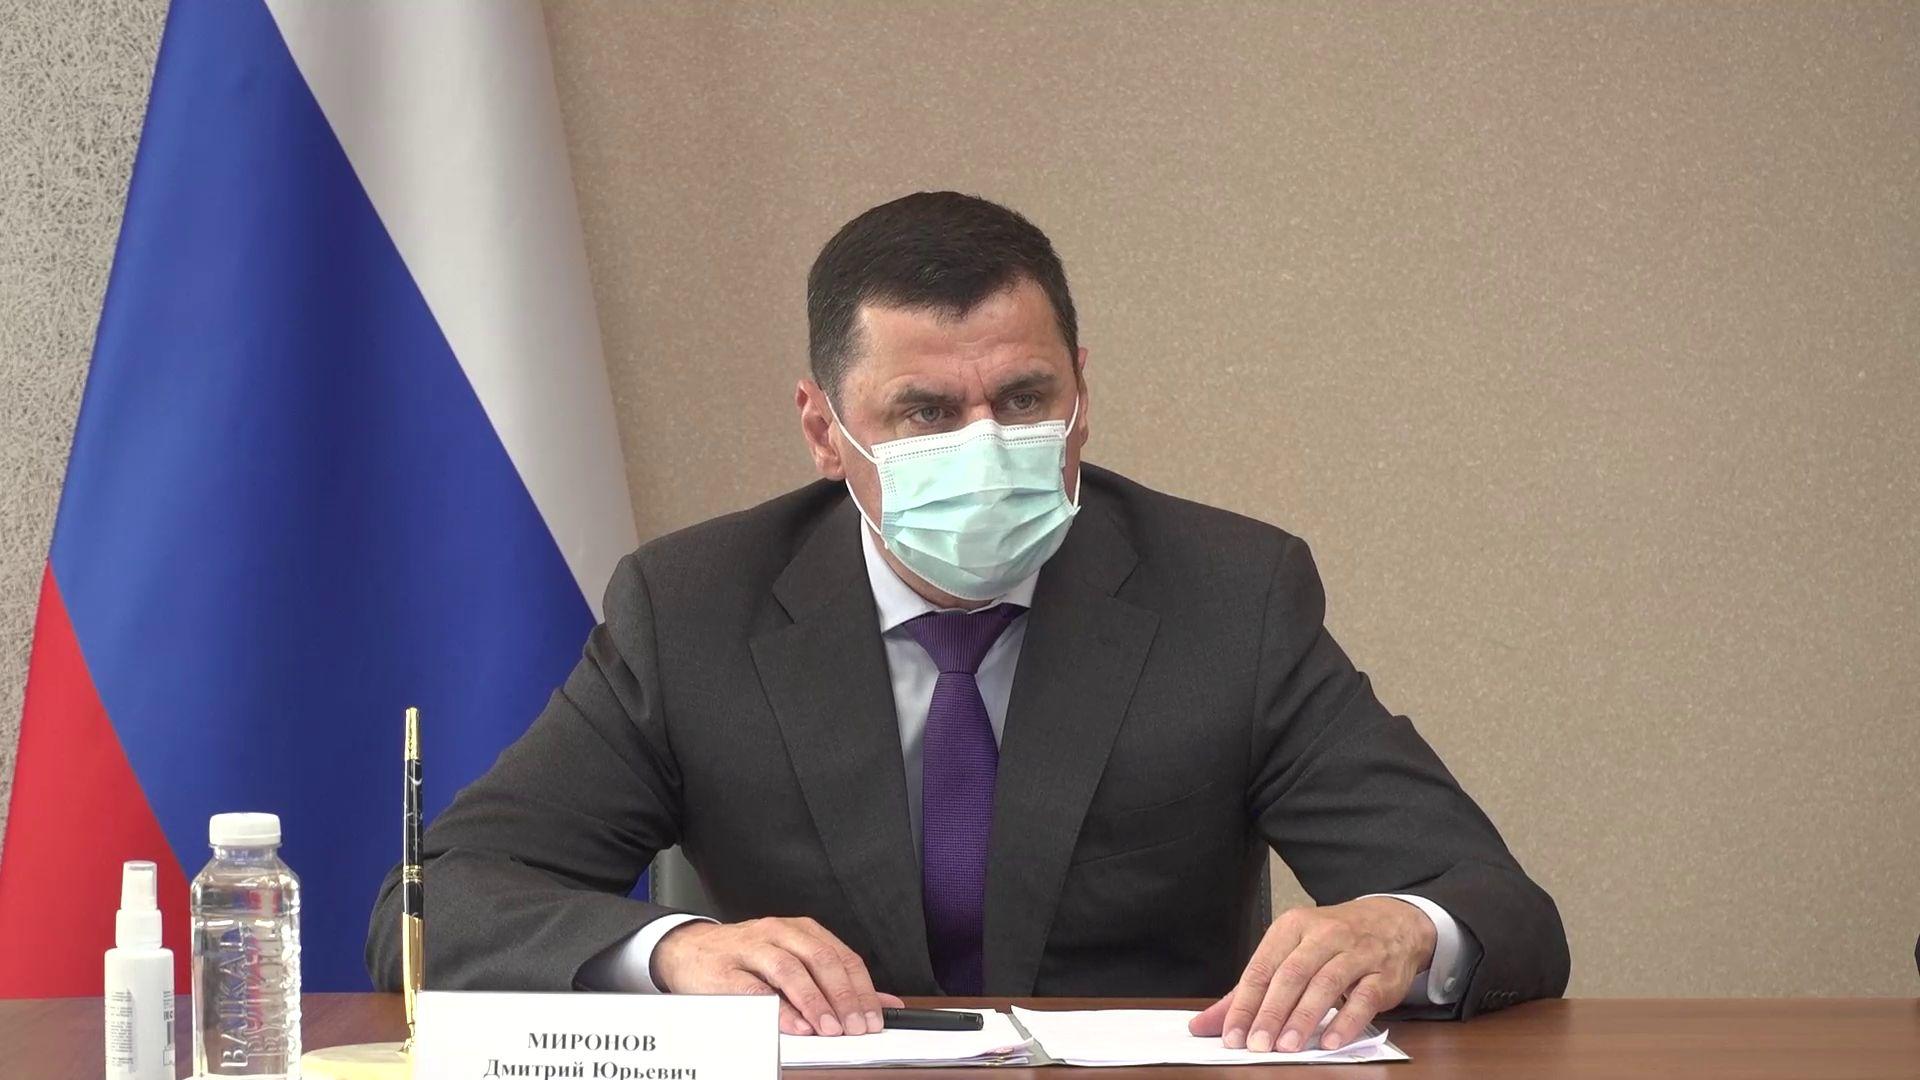 Дмитрий Миронов подписал соглашение о введении оборудования для образовательной цифровой платформы